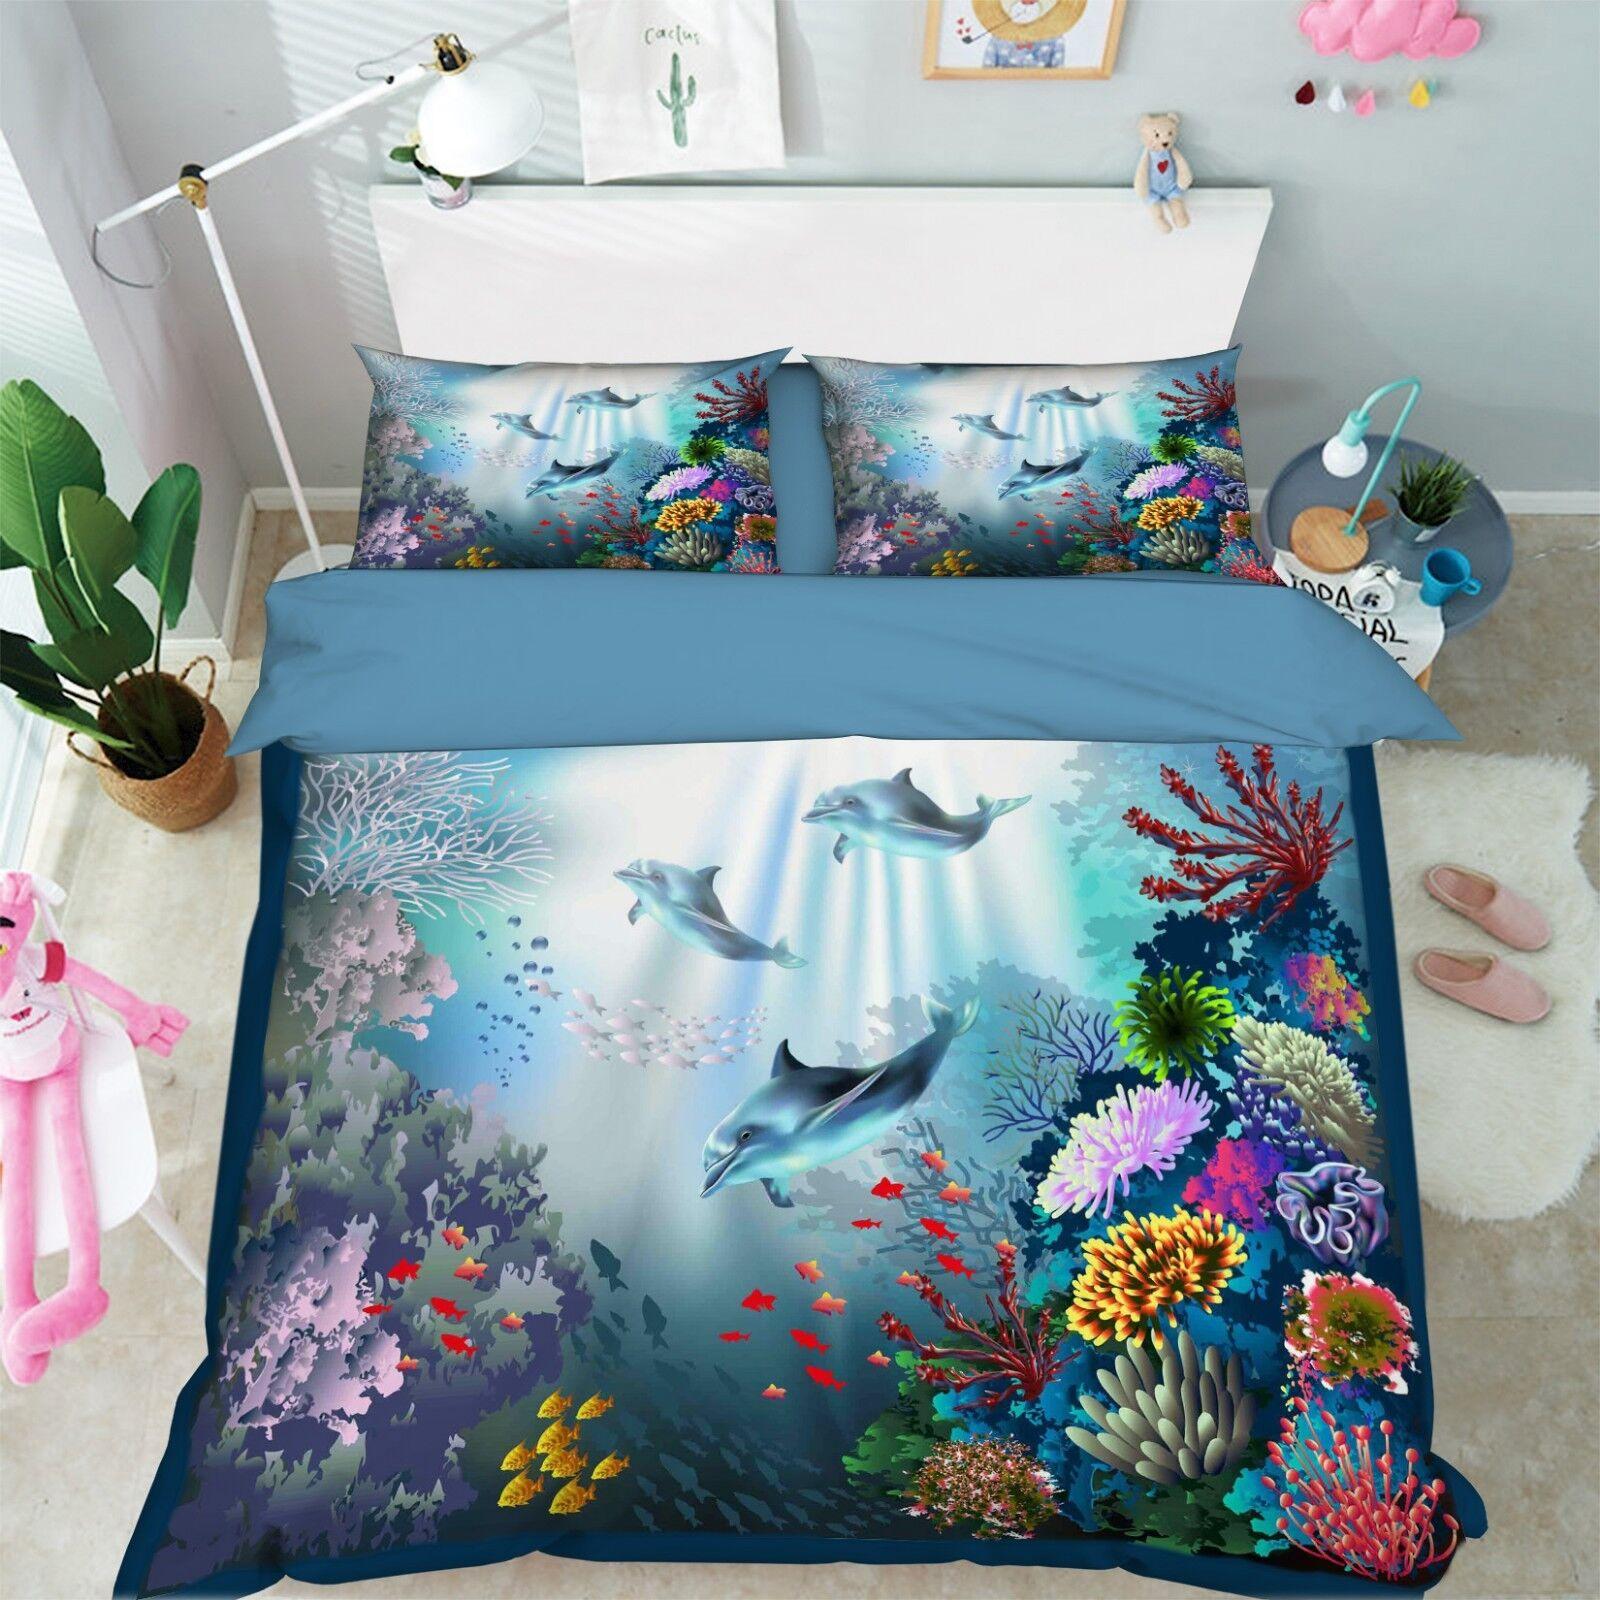 3D Dolphin Ocean 679 Bed Pillowcases Quilt Duvet Cover Set Single King UK Summer